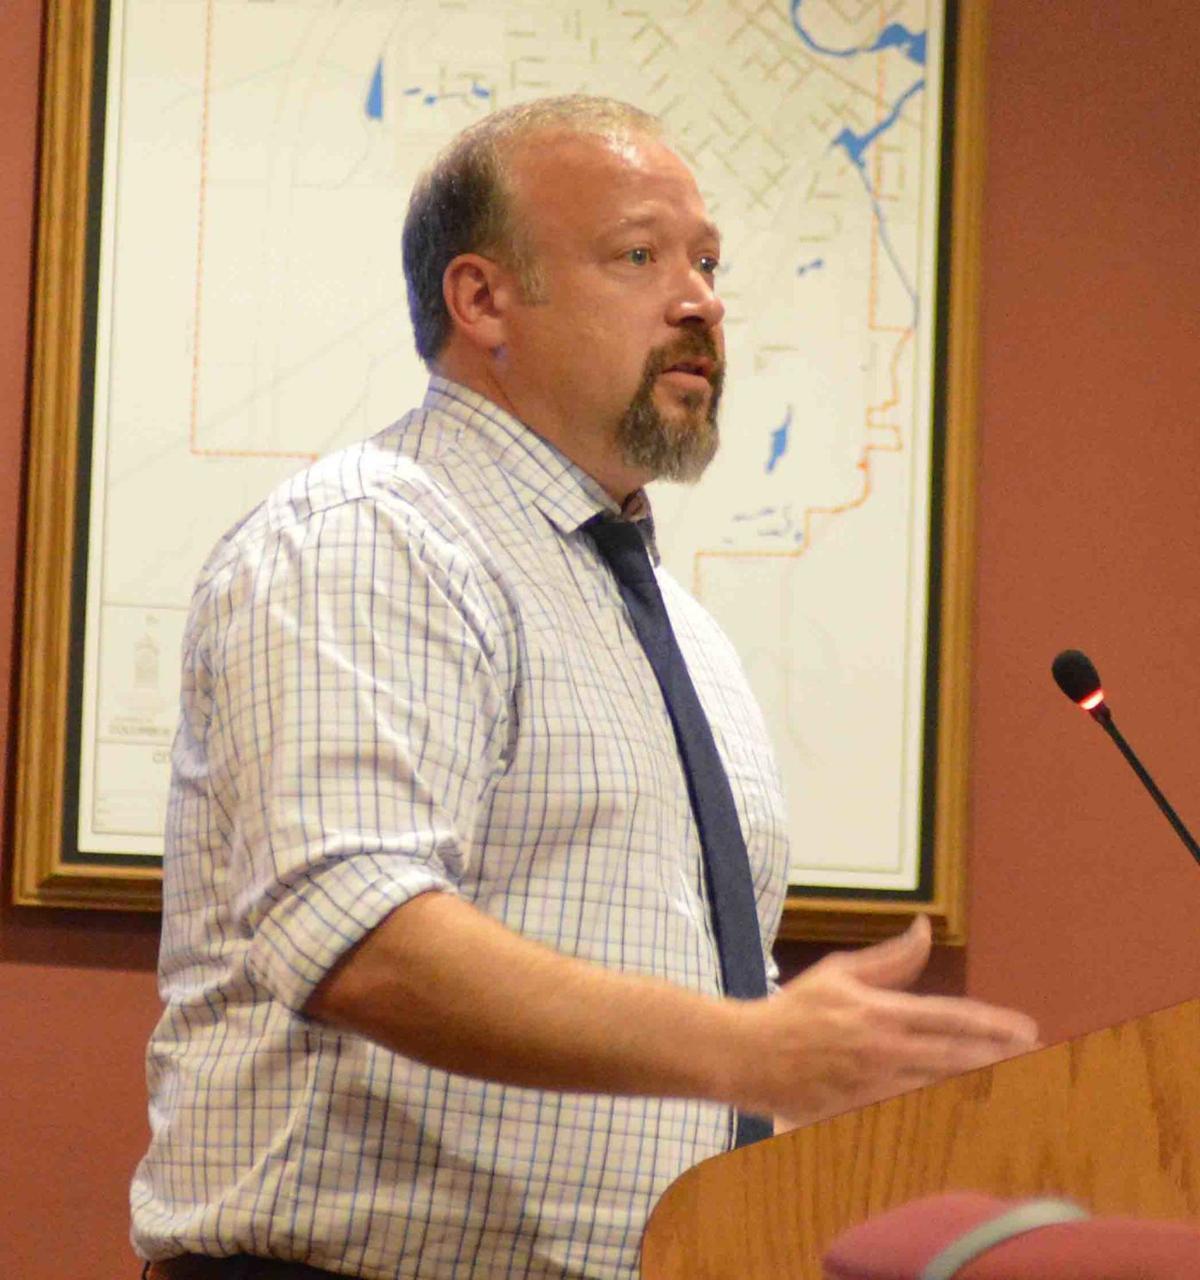 081719-jrnl-news-board-meeting-1